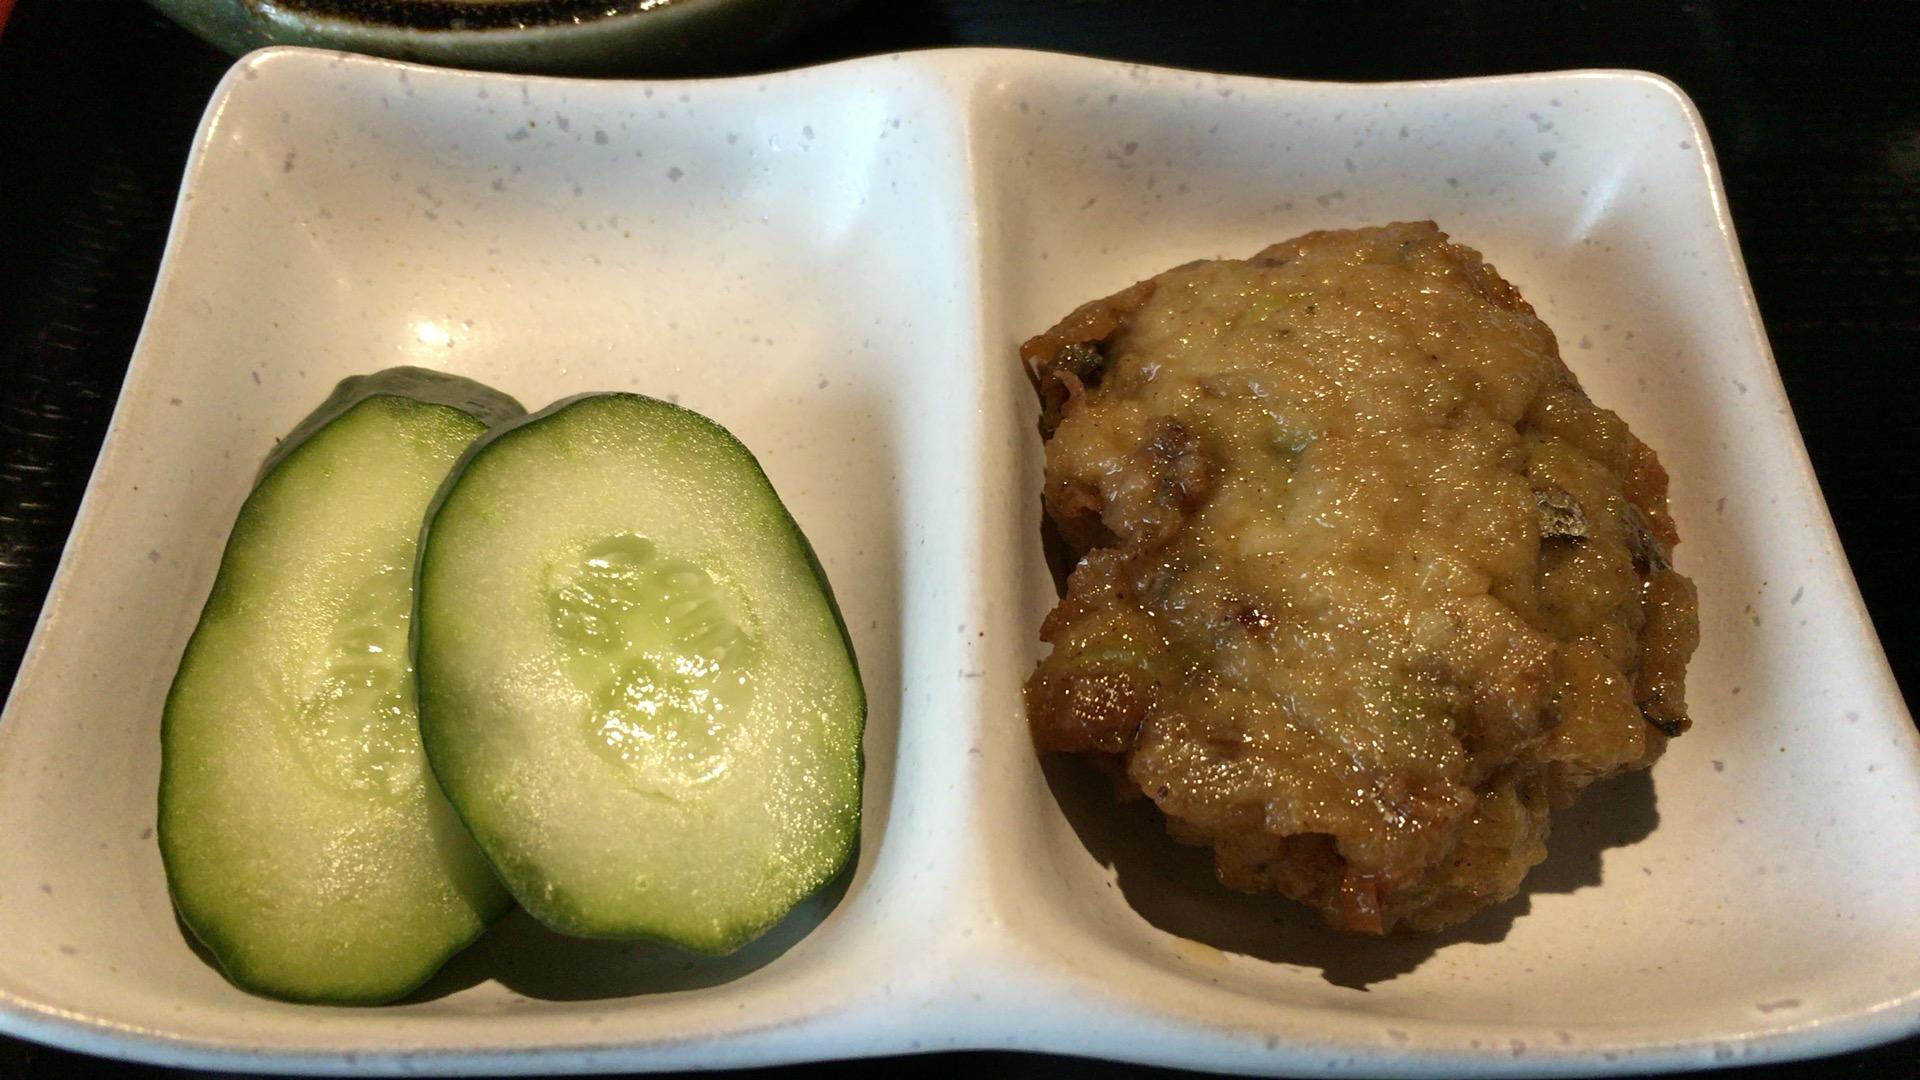 【上尾市】「季節料理 黒ちゃん」ランチのコスパが最高な飲食店